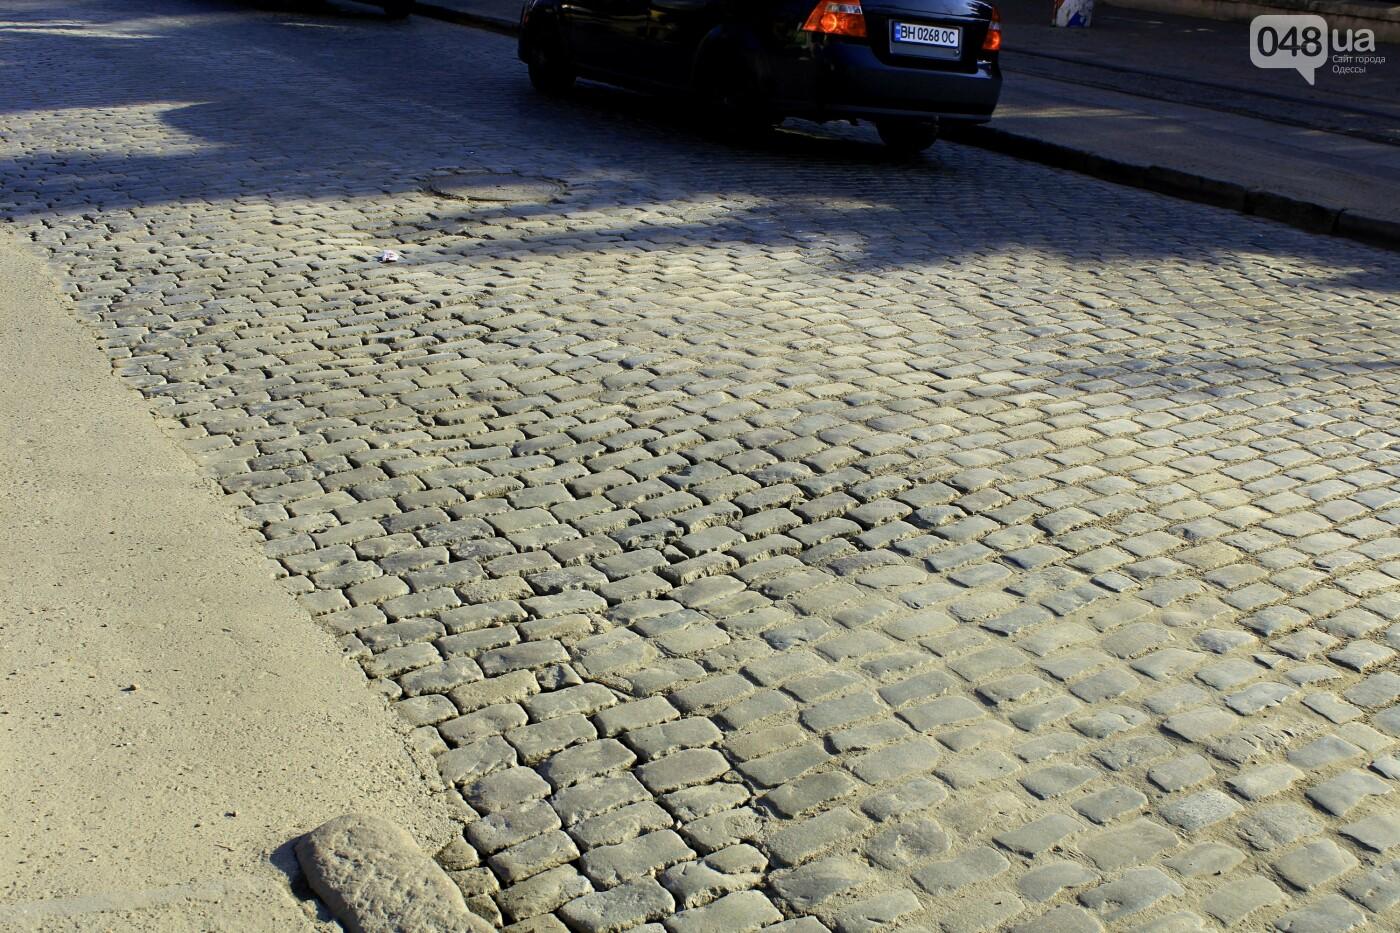 На Французском бульваре перестилают брусчатку: автомобили едут по рельсам, - ФОТО, ВИДЕО , фото-12